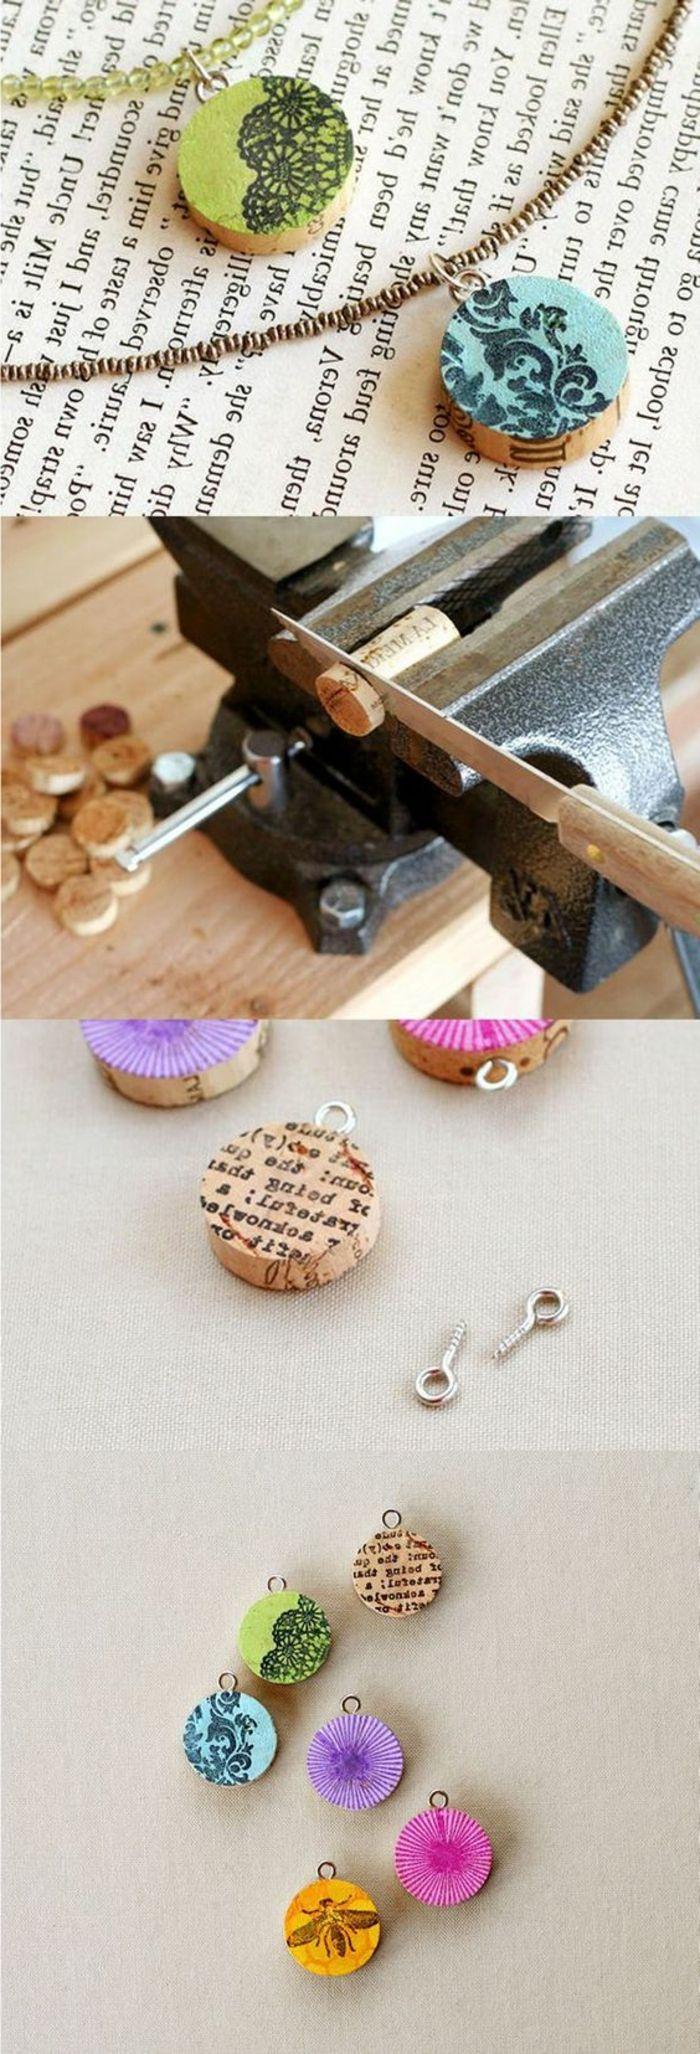 1001+ idées que faire avec des bouchons en liège